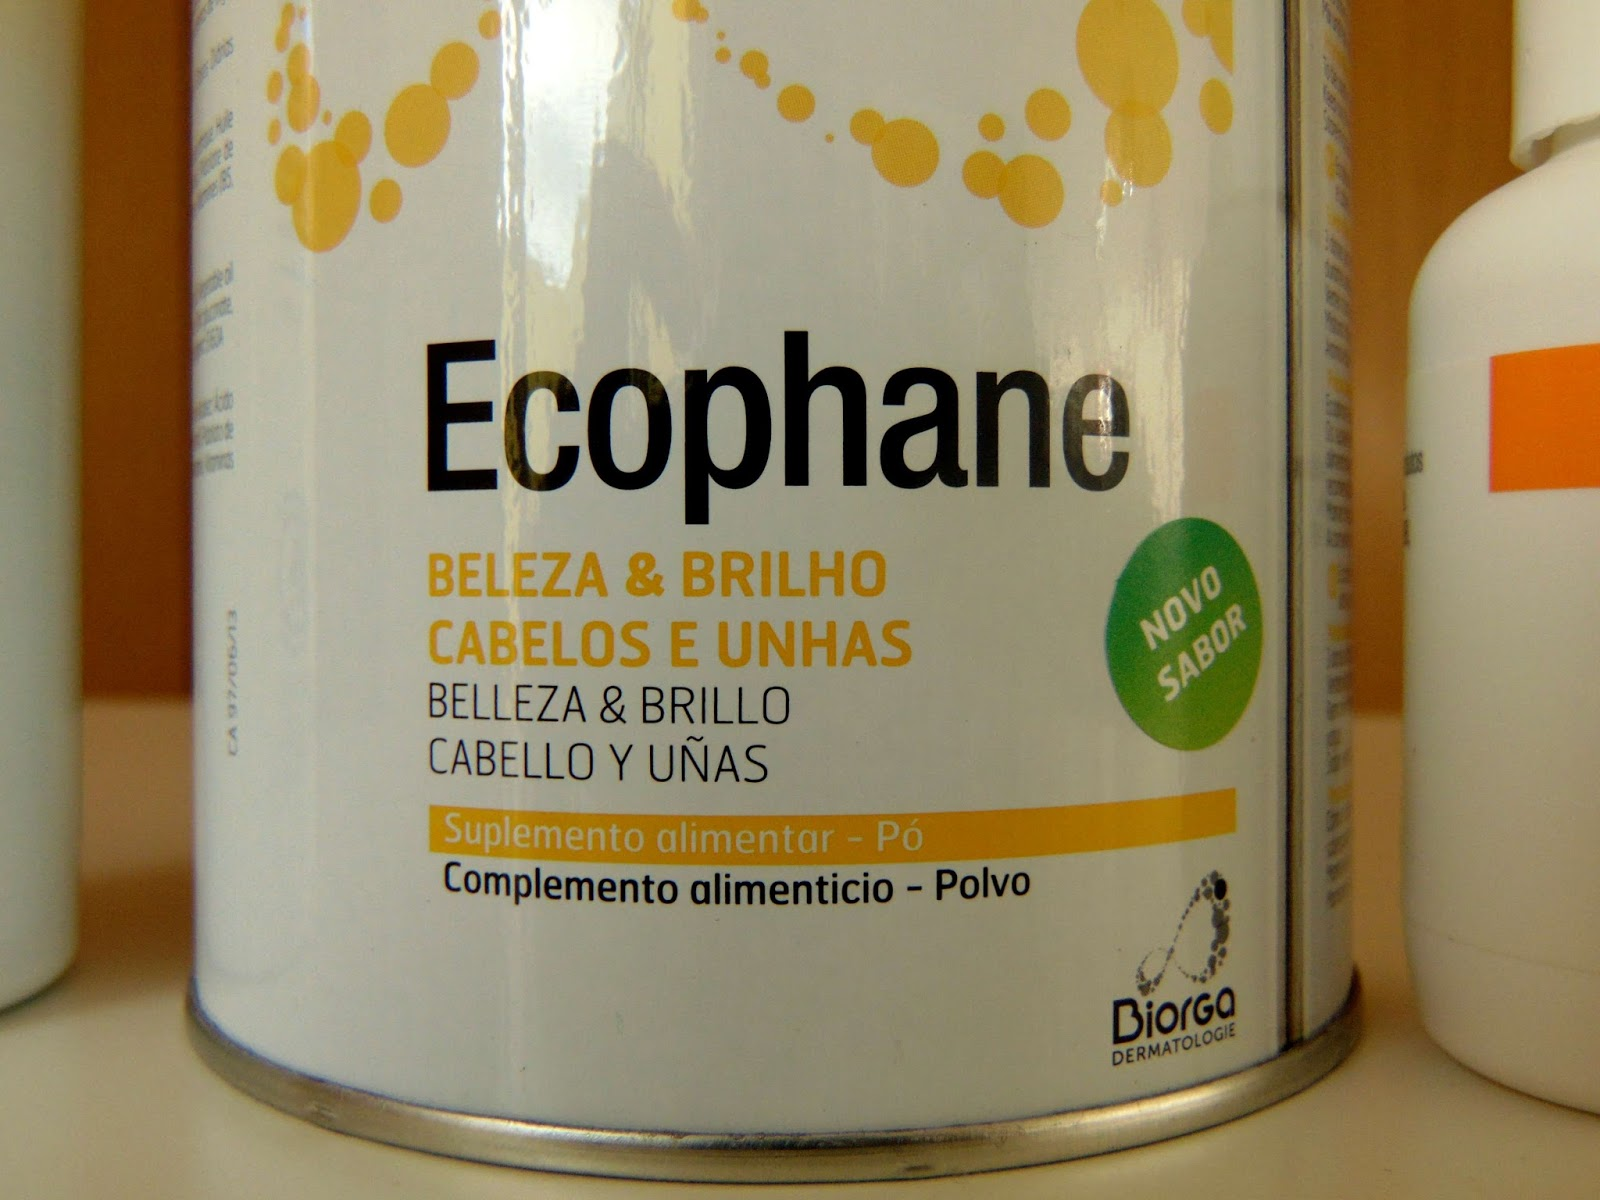 ecophane-po-cabelo-queda-tratamento